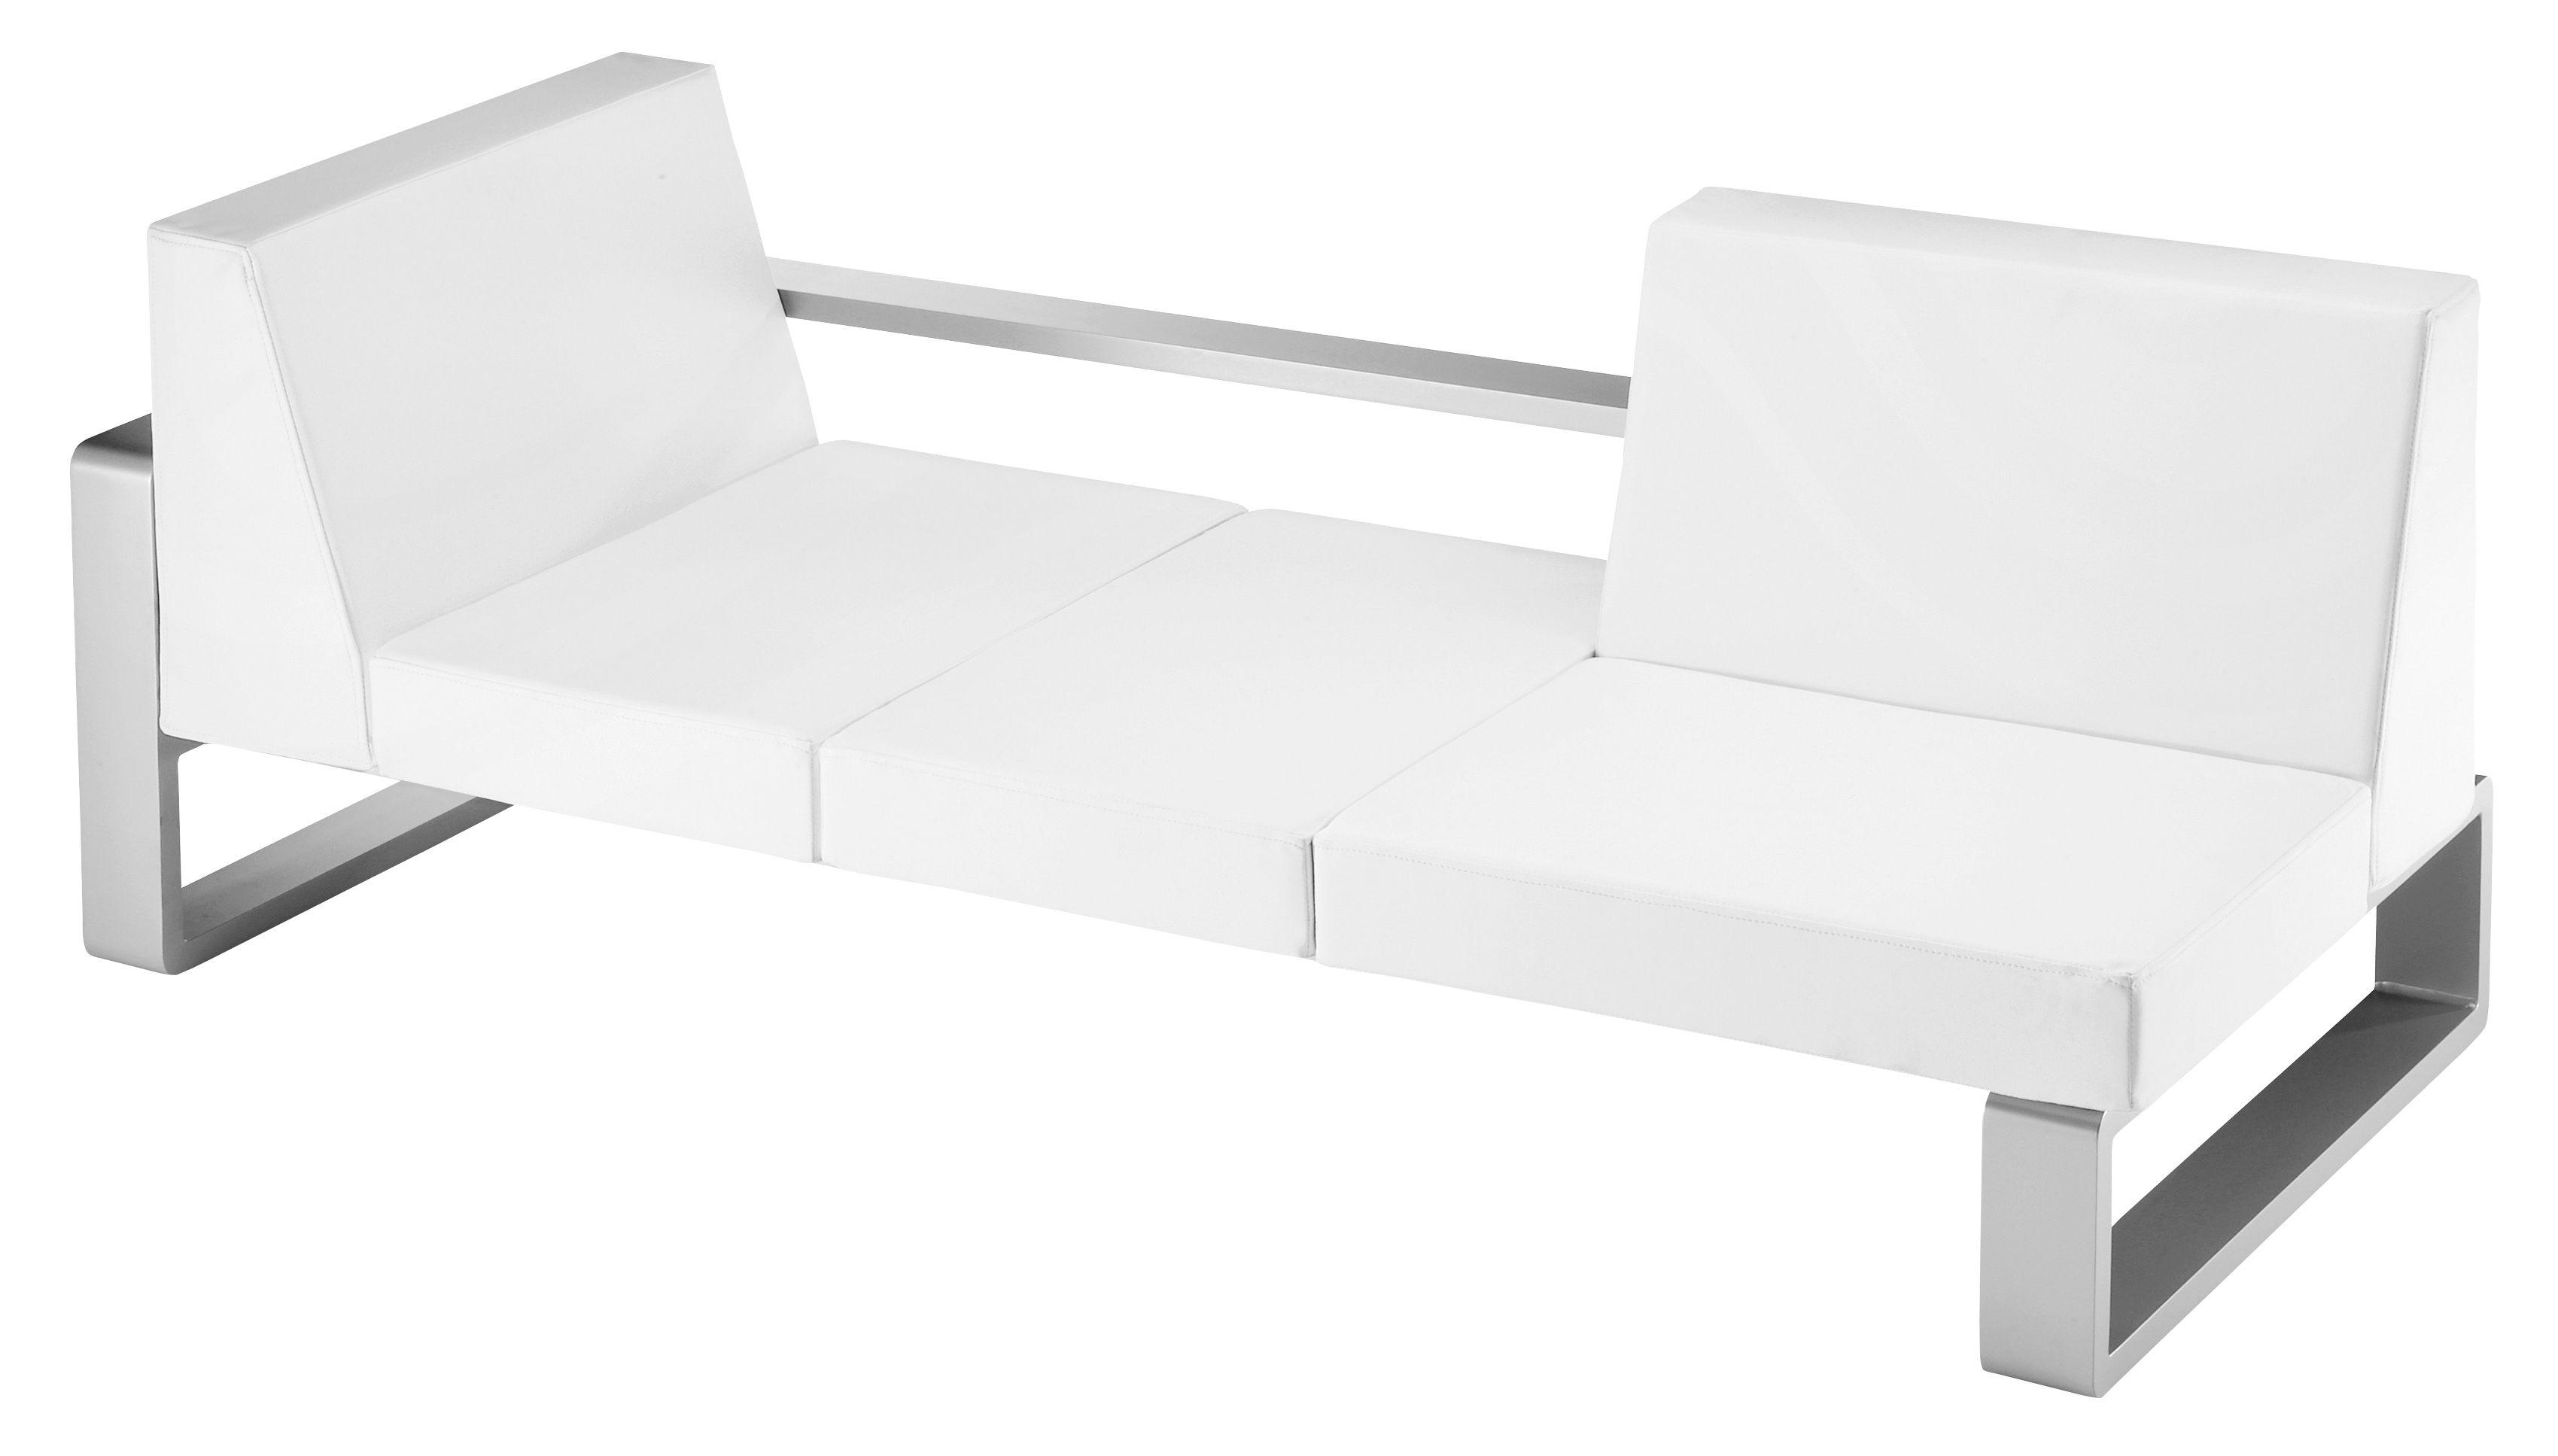 Möbel - Sofas - Kama Sofa 3 Sitze und mehr variabel - EGO Paris - Vinyl-Bezug weiß / Gestell silberfarben - lackiertes Aluminium, Vinyl